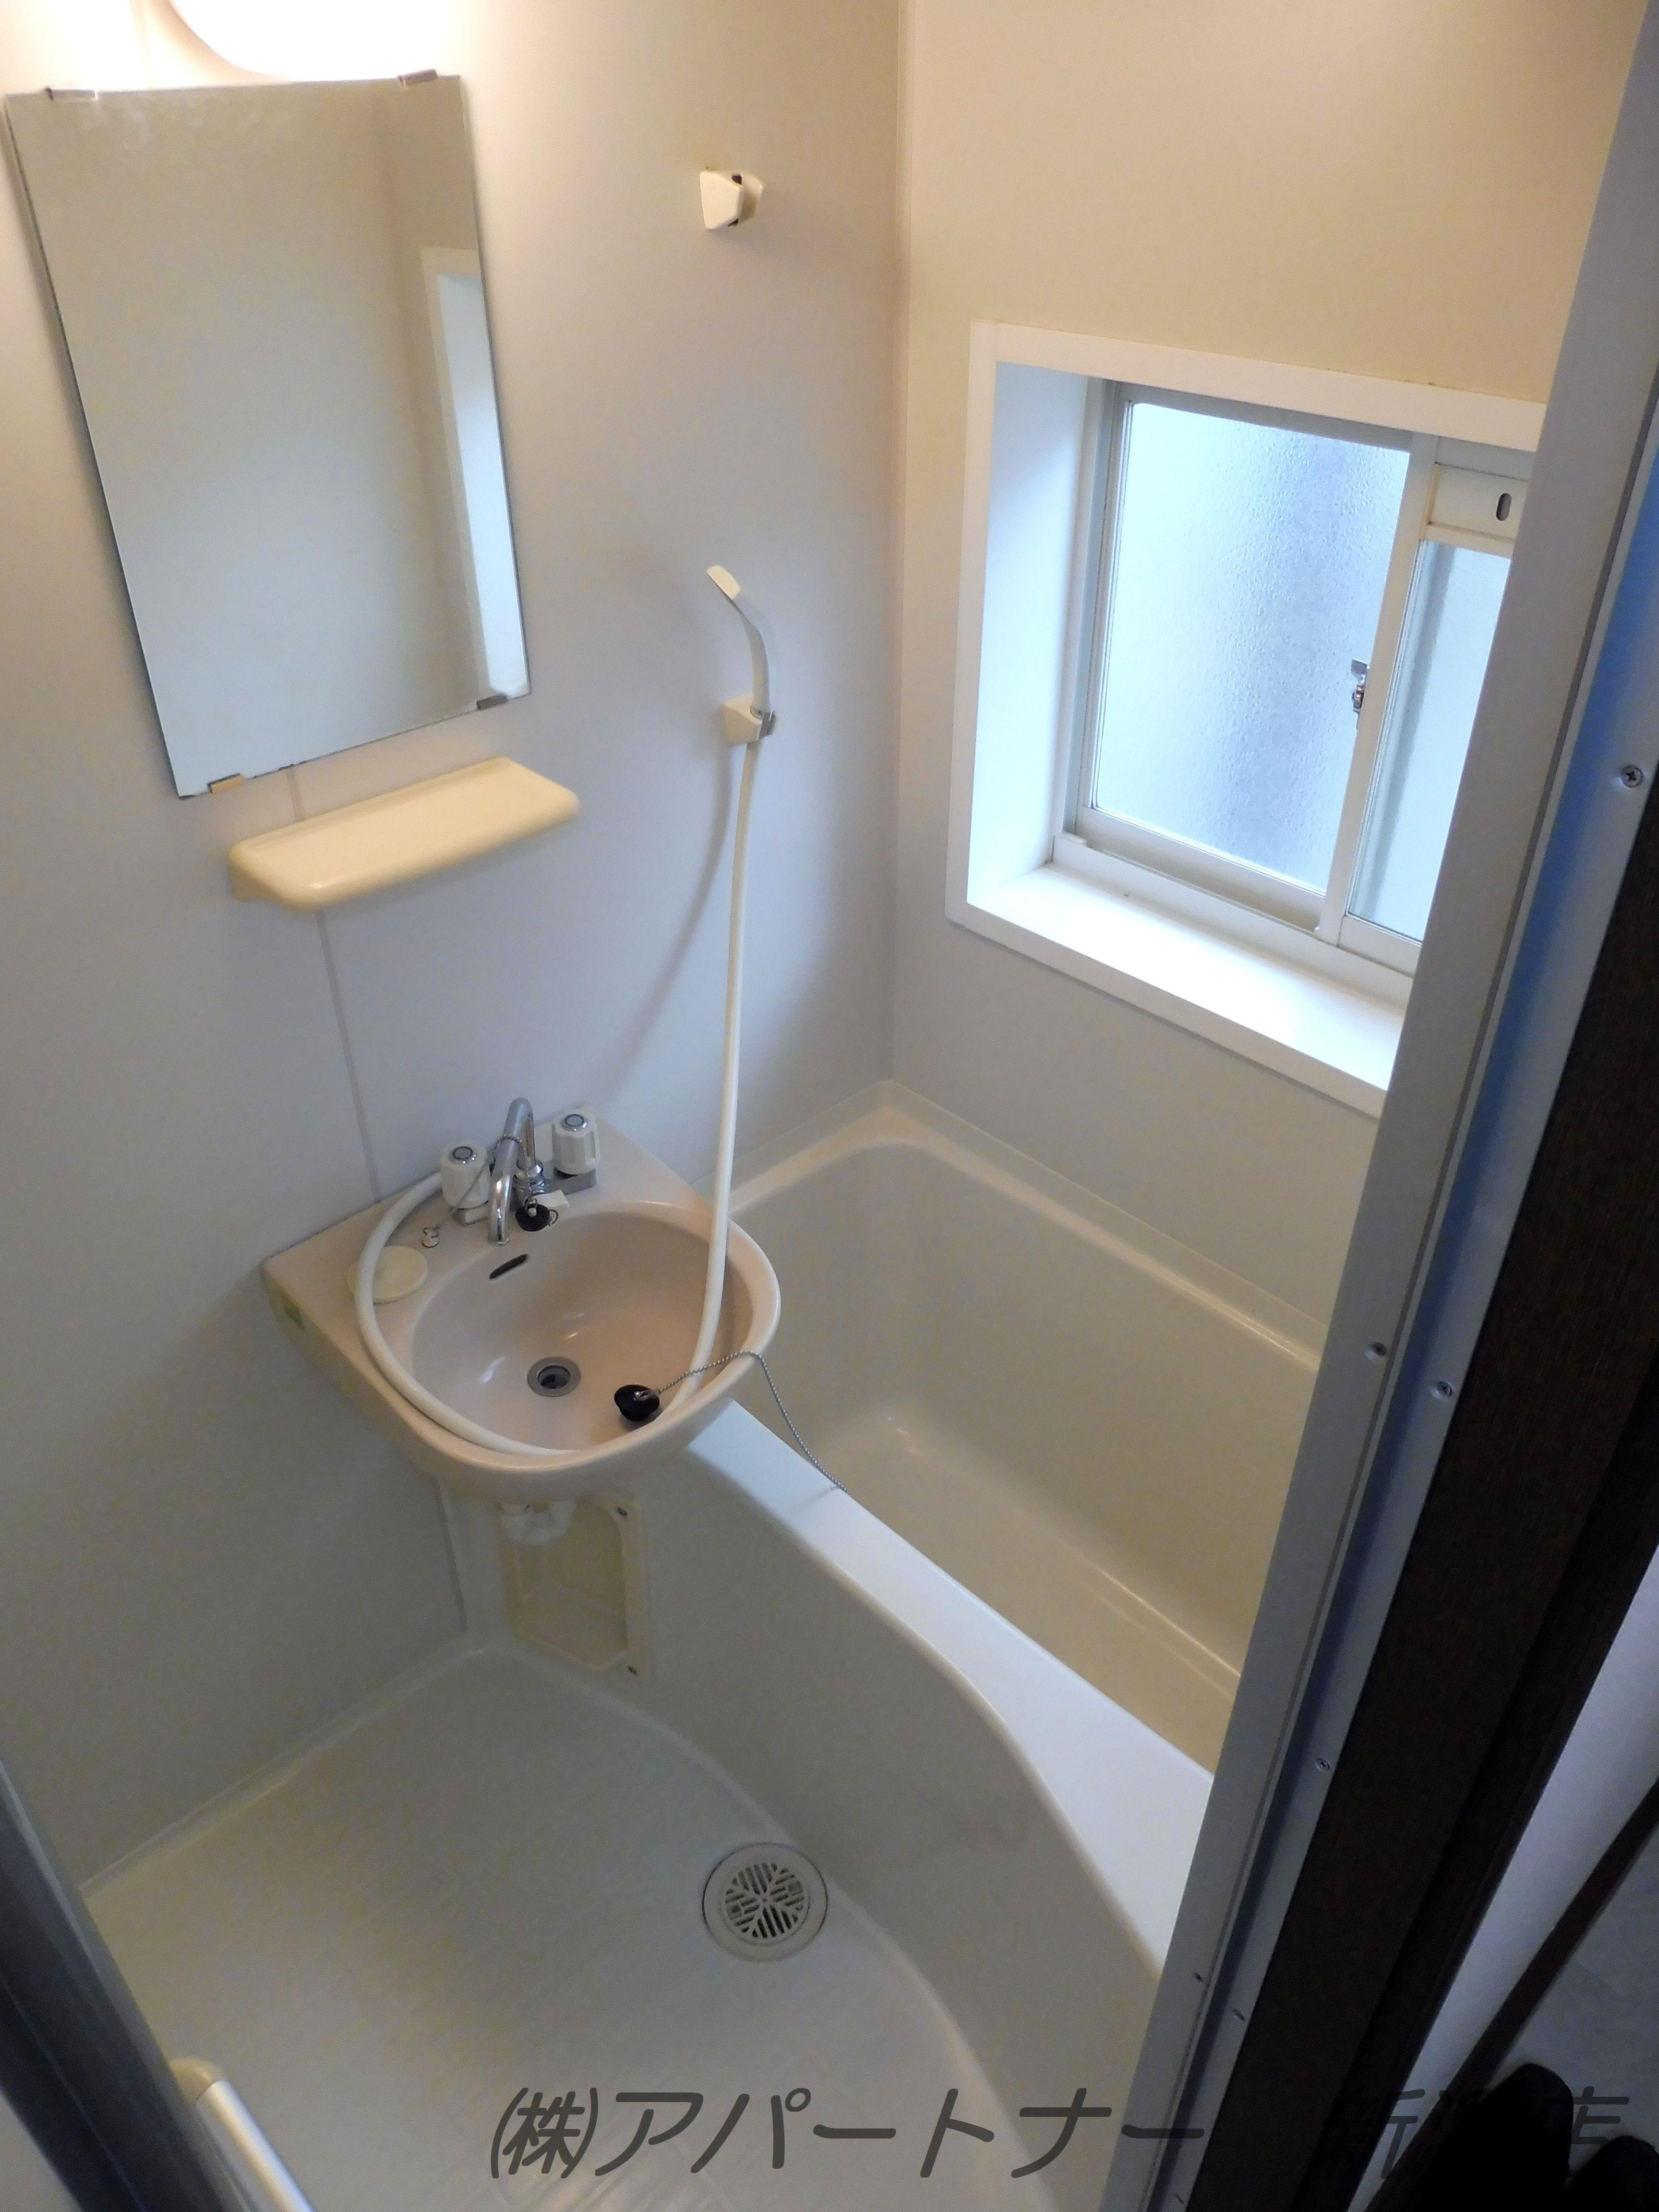 お風呂は窓があるので昼間は明るく、換気もできます。